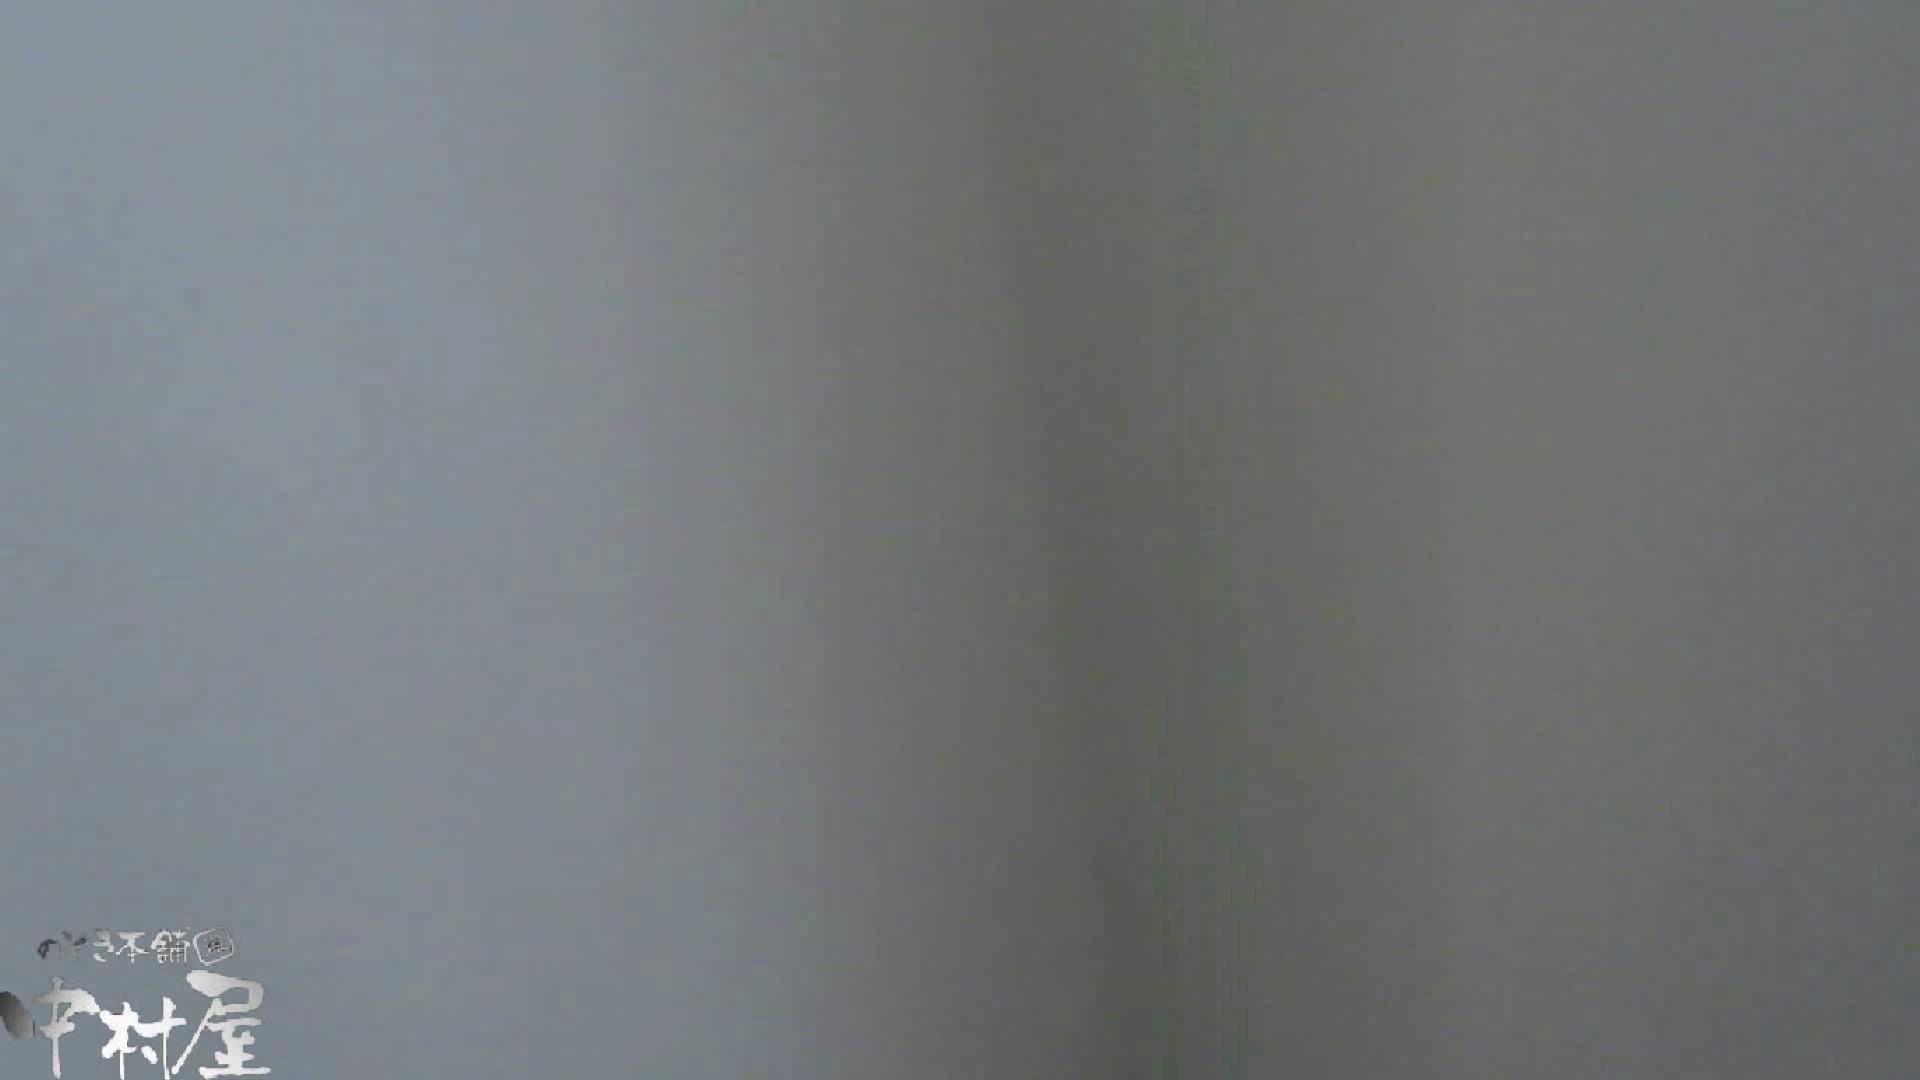 魂のかわや盗撮62連発! 三方向から黄金水噴射! 18発目! 盗撮 | 黄金水  99pic 83